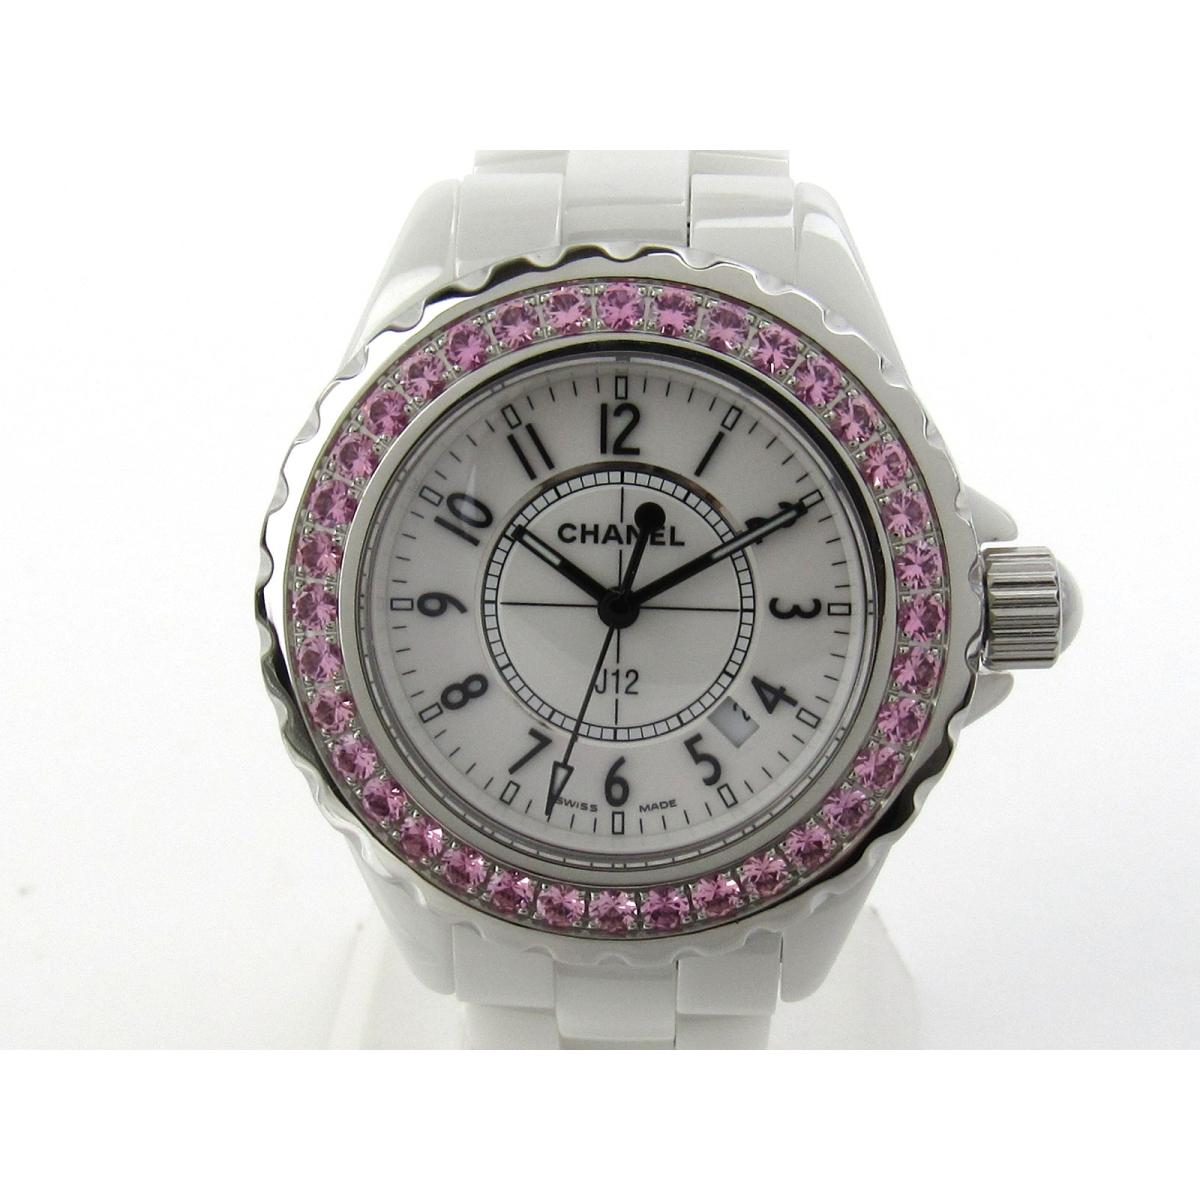 b3557b39f0c9 【中古】 シャネル J12 (PKサファイアベゼル) ウォッチ 腕時計 レディース セラミック x ピンクサファイアベゼル (H1181) CHANEL  クオーツ 時計 J12 (PKサファイア ...